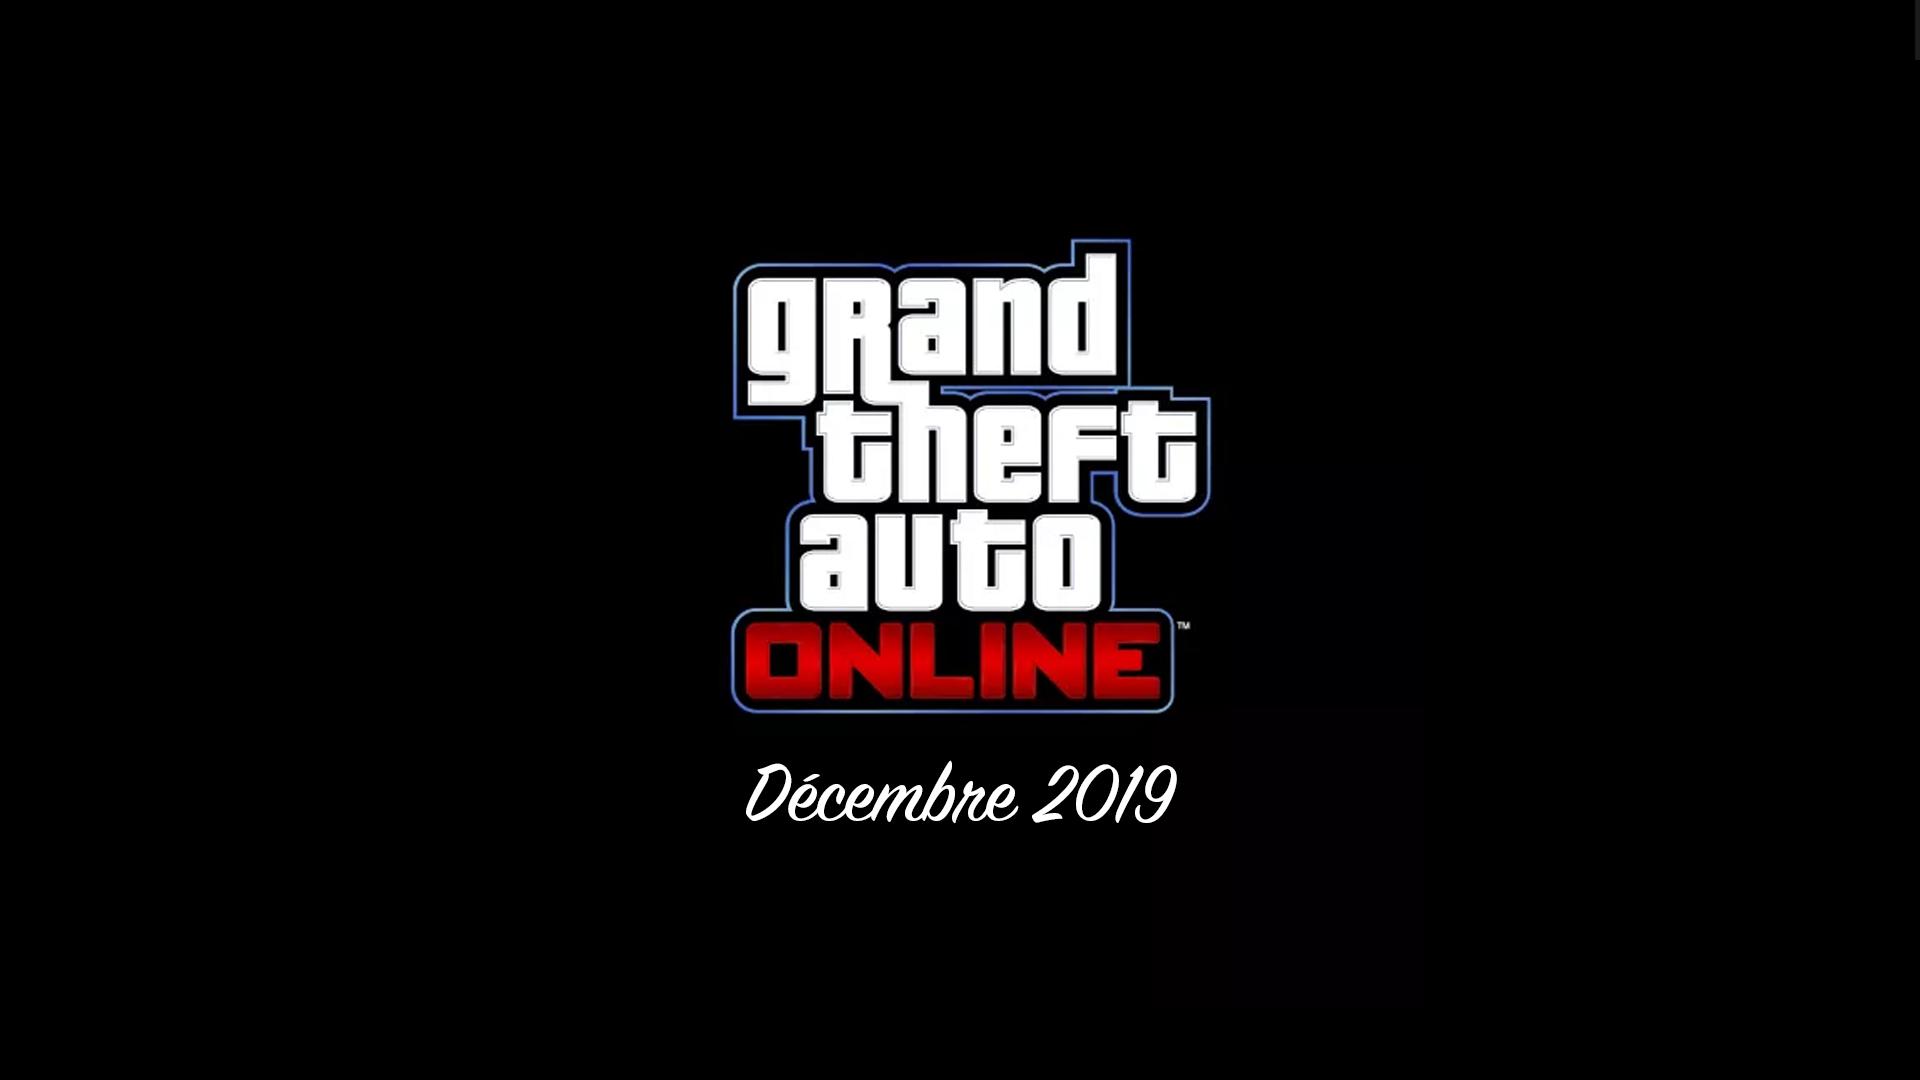 Prochaine mise à jour GTA Online Décembre 2019